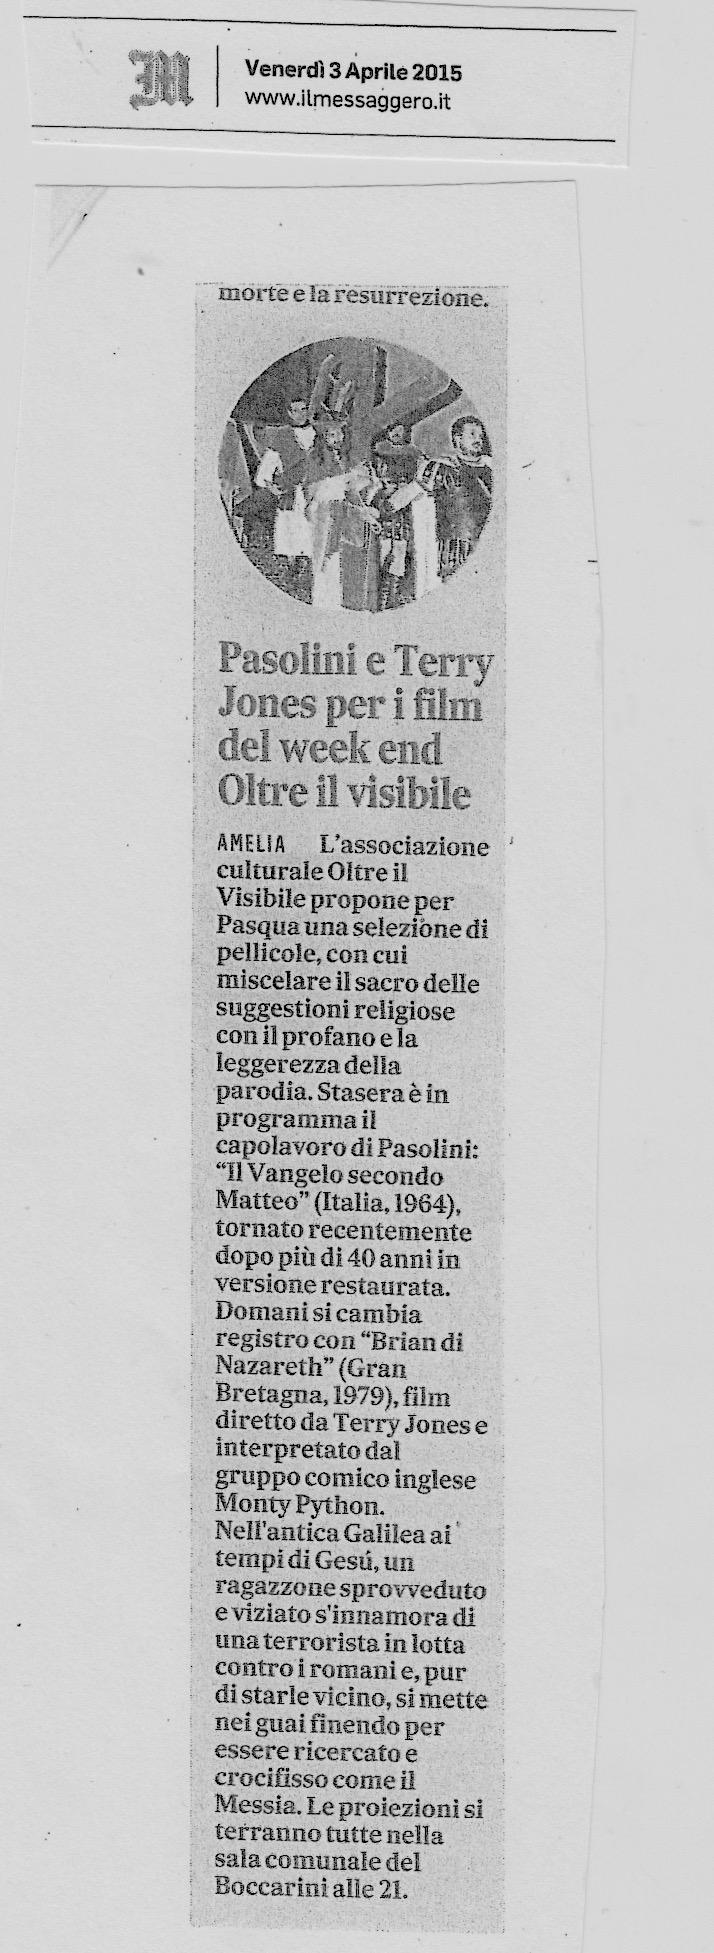 Il Messaggero, 3 Aprile 2015.